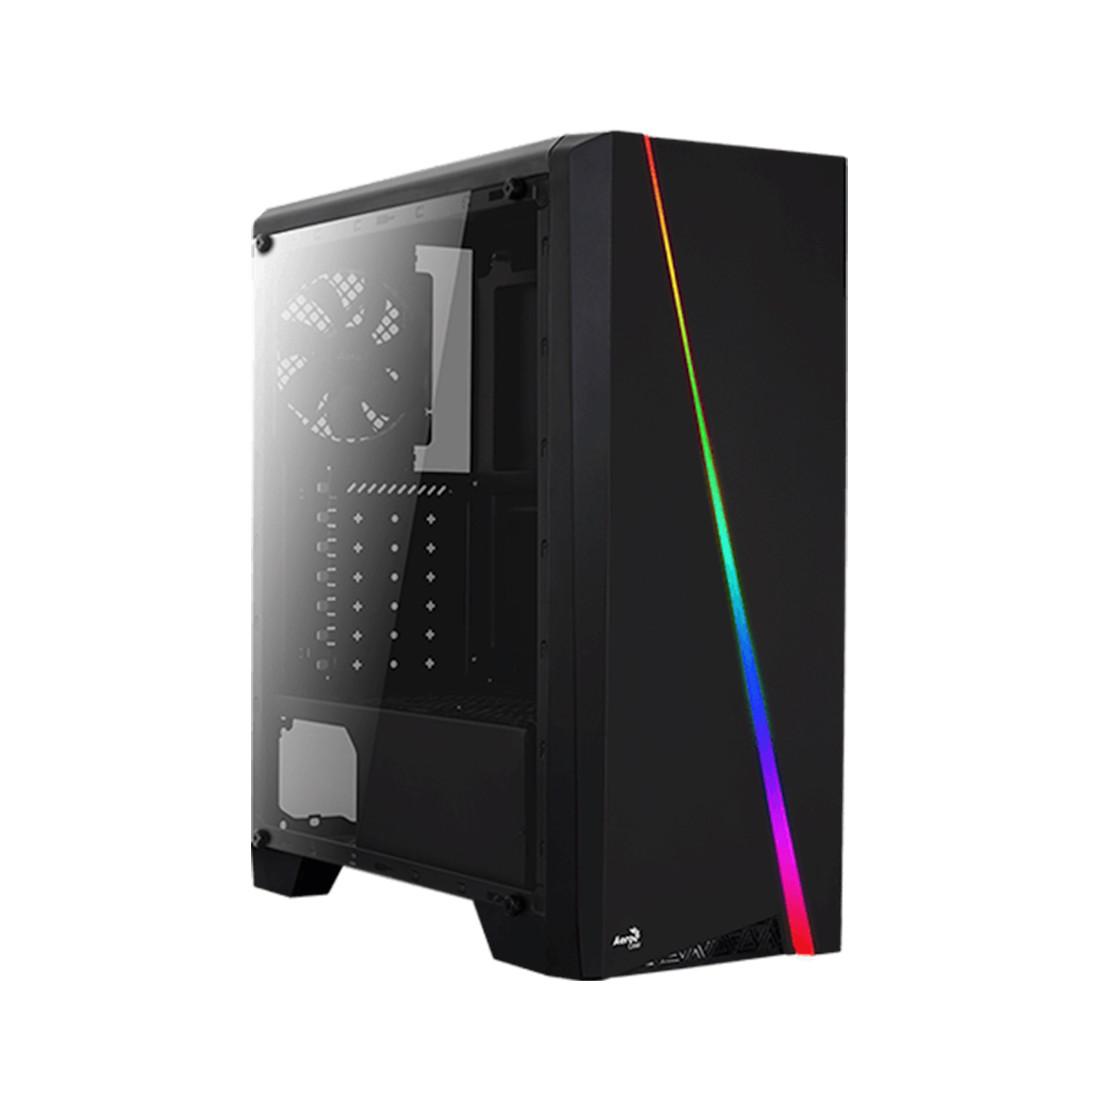 Кейс, Aerocool, Mini Cylon, Micro ATX/mini-ITX, USB 1*3.0/1*2.0, HD-Audio+Mic, Кулер 8см, Высота процессорного кулера 147 мм, Без Б/П, Чёрный